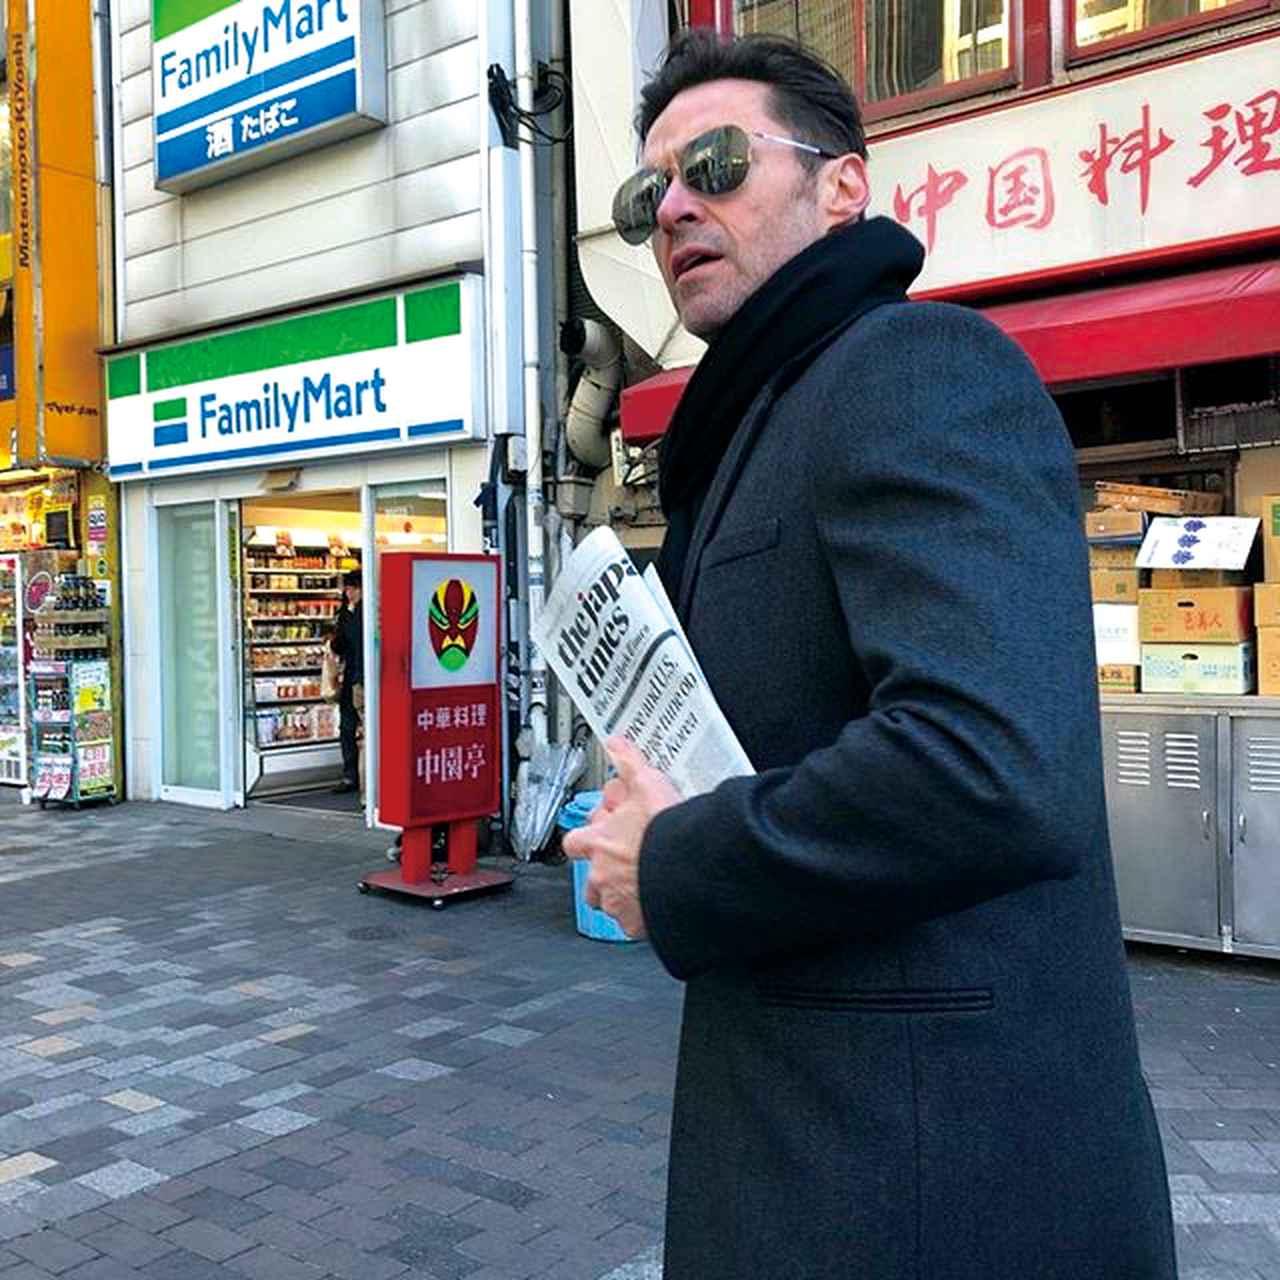 画像: こうしてヒューがぶらっと歩いていると有楽町の駅前じゃない感じ